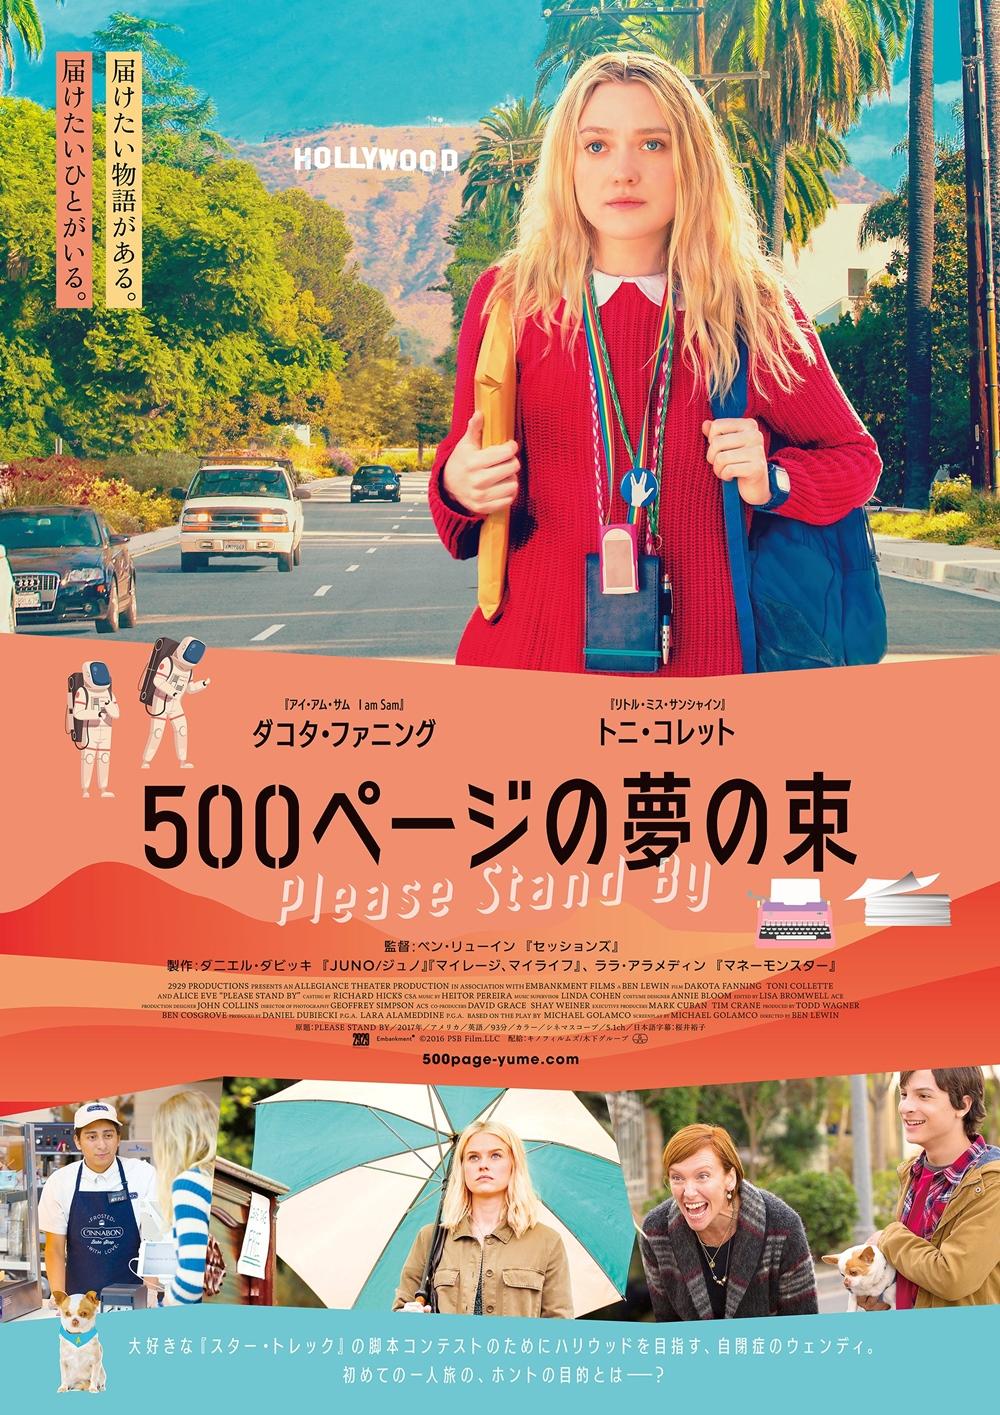 【画像】映画『500ページの夢の束』(原題・英題: PLEASE STAND BY) ポスタービジュアル